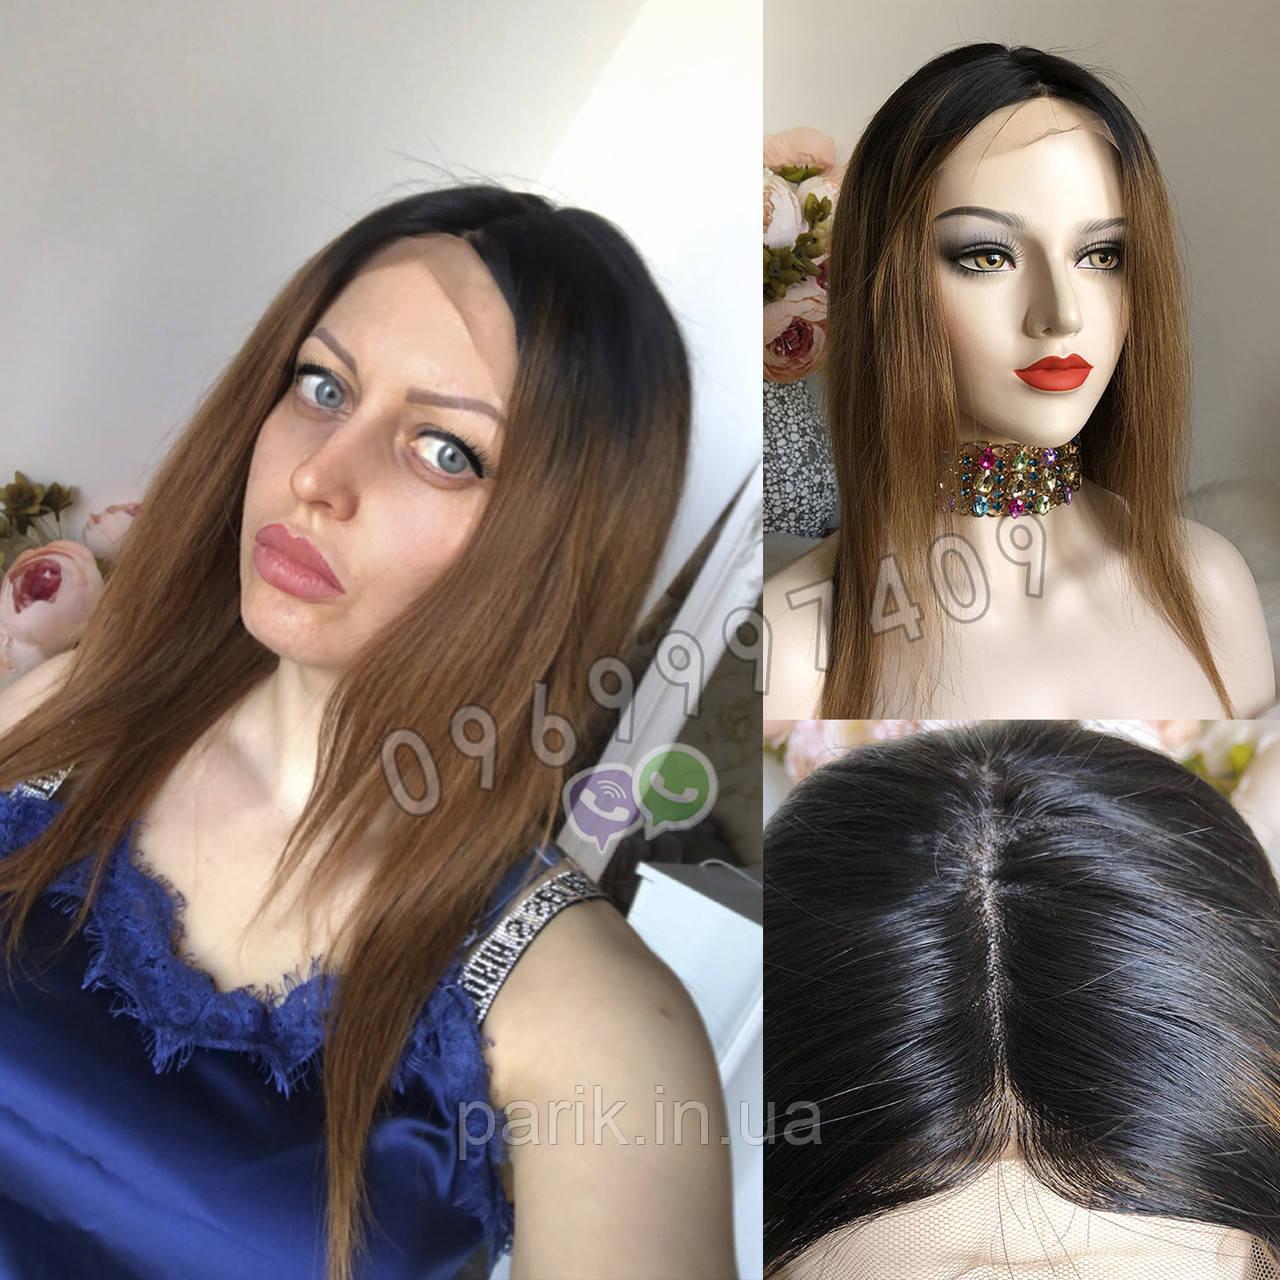 💎Натуральний жіночий парик золотистий з чубчиком, натуральний волосся 💎